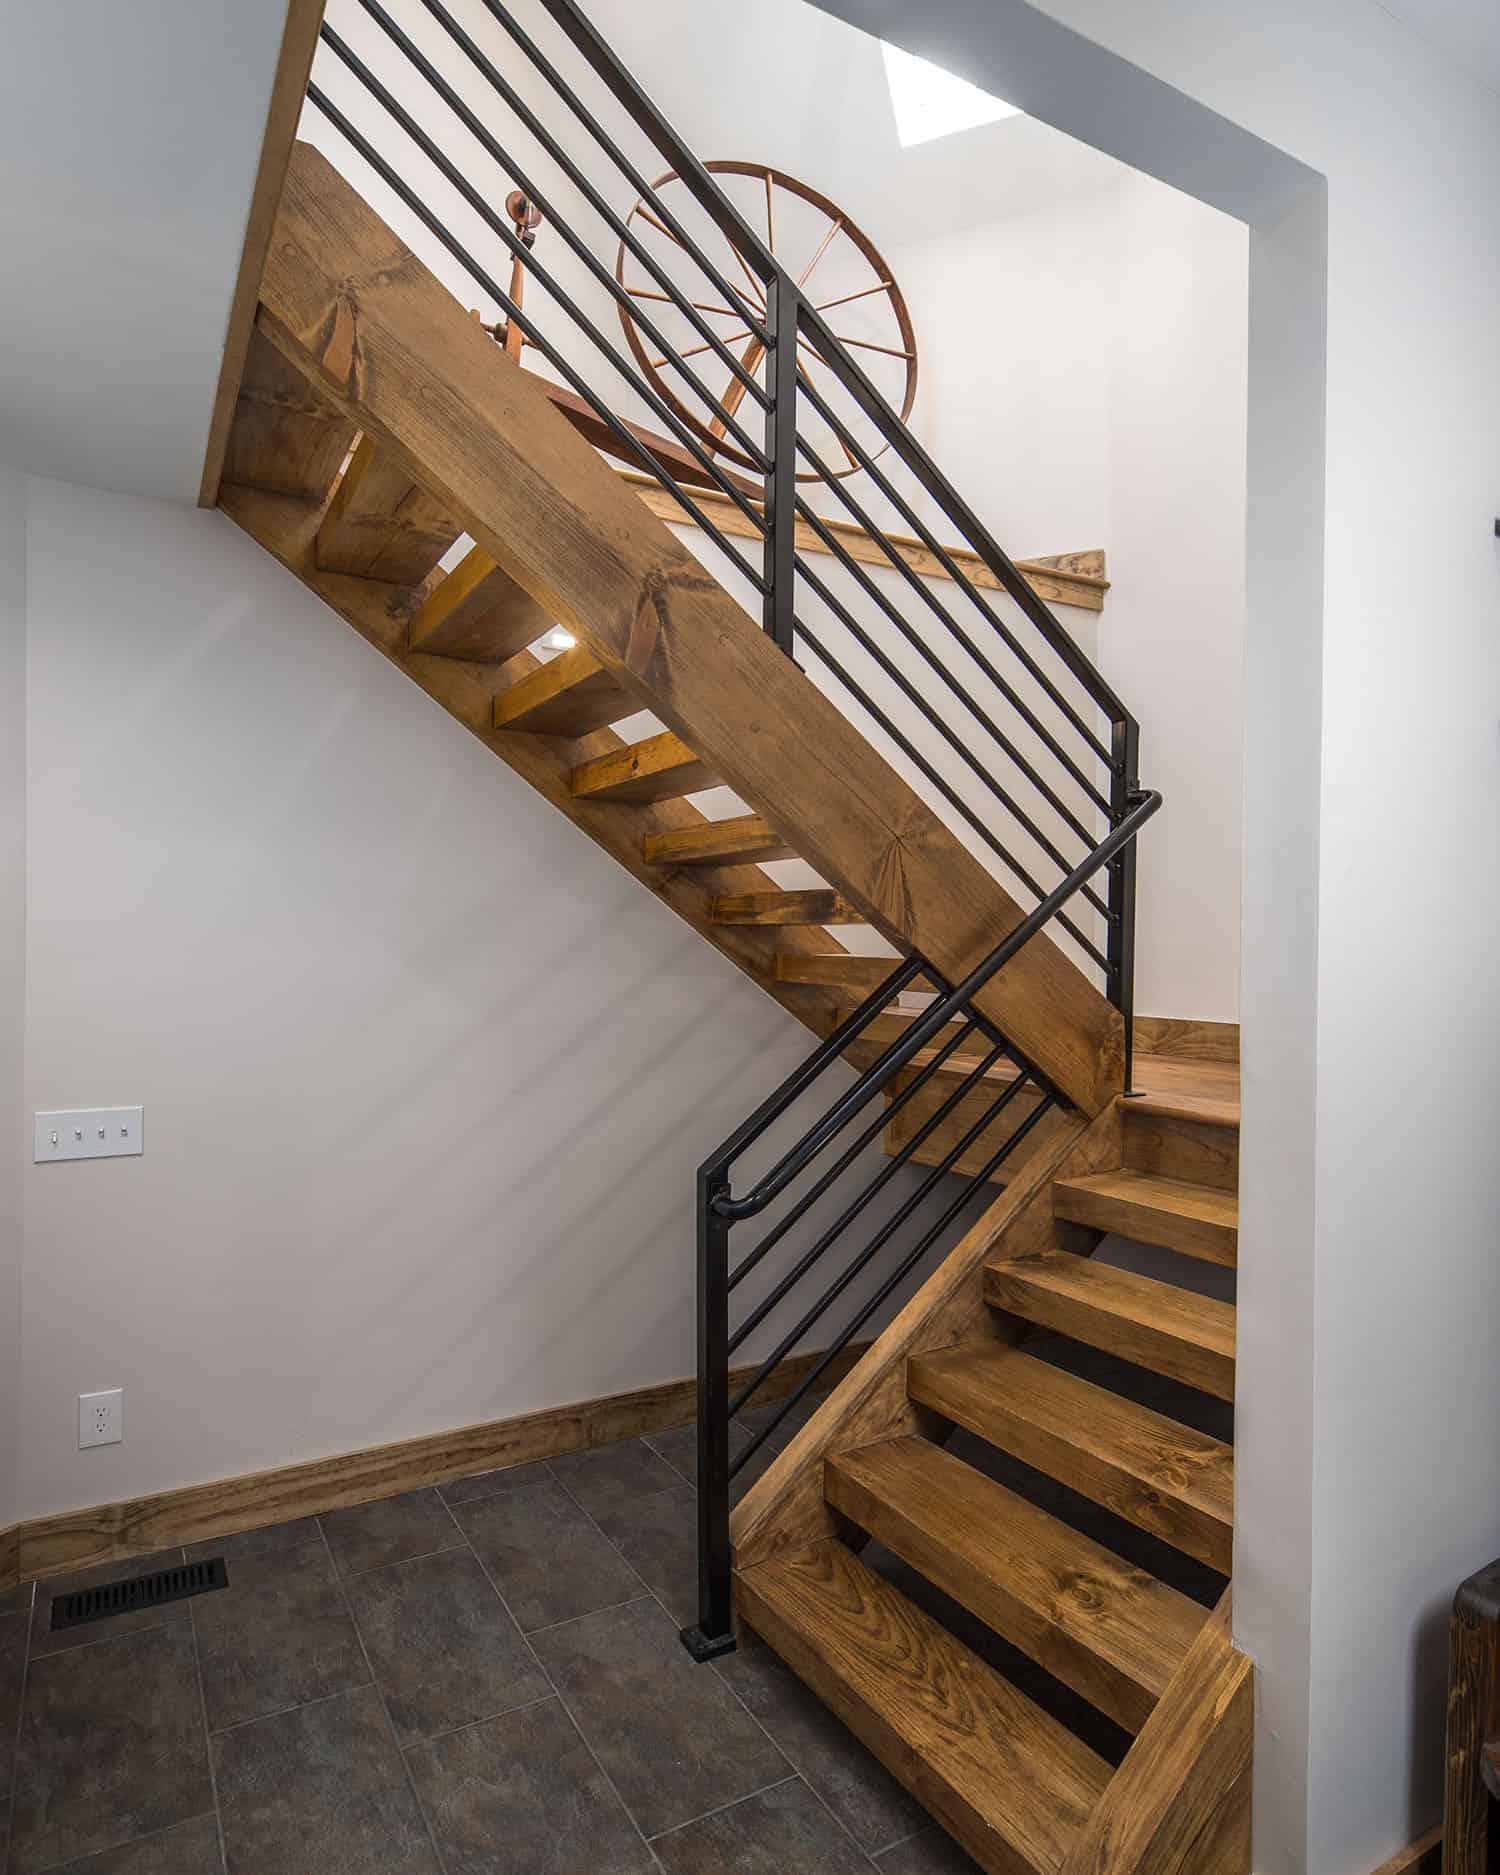 mountain-style-staircase